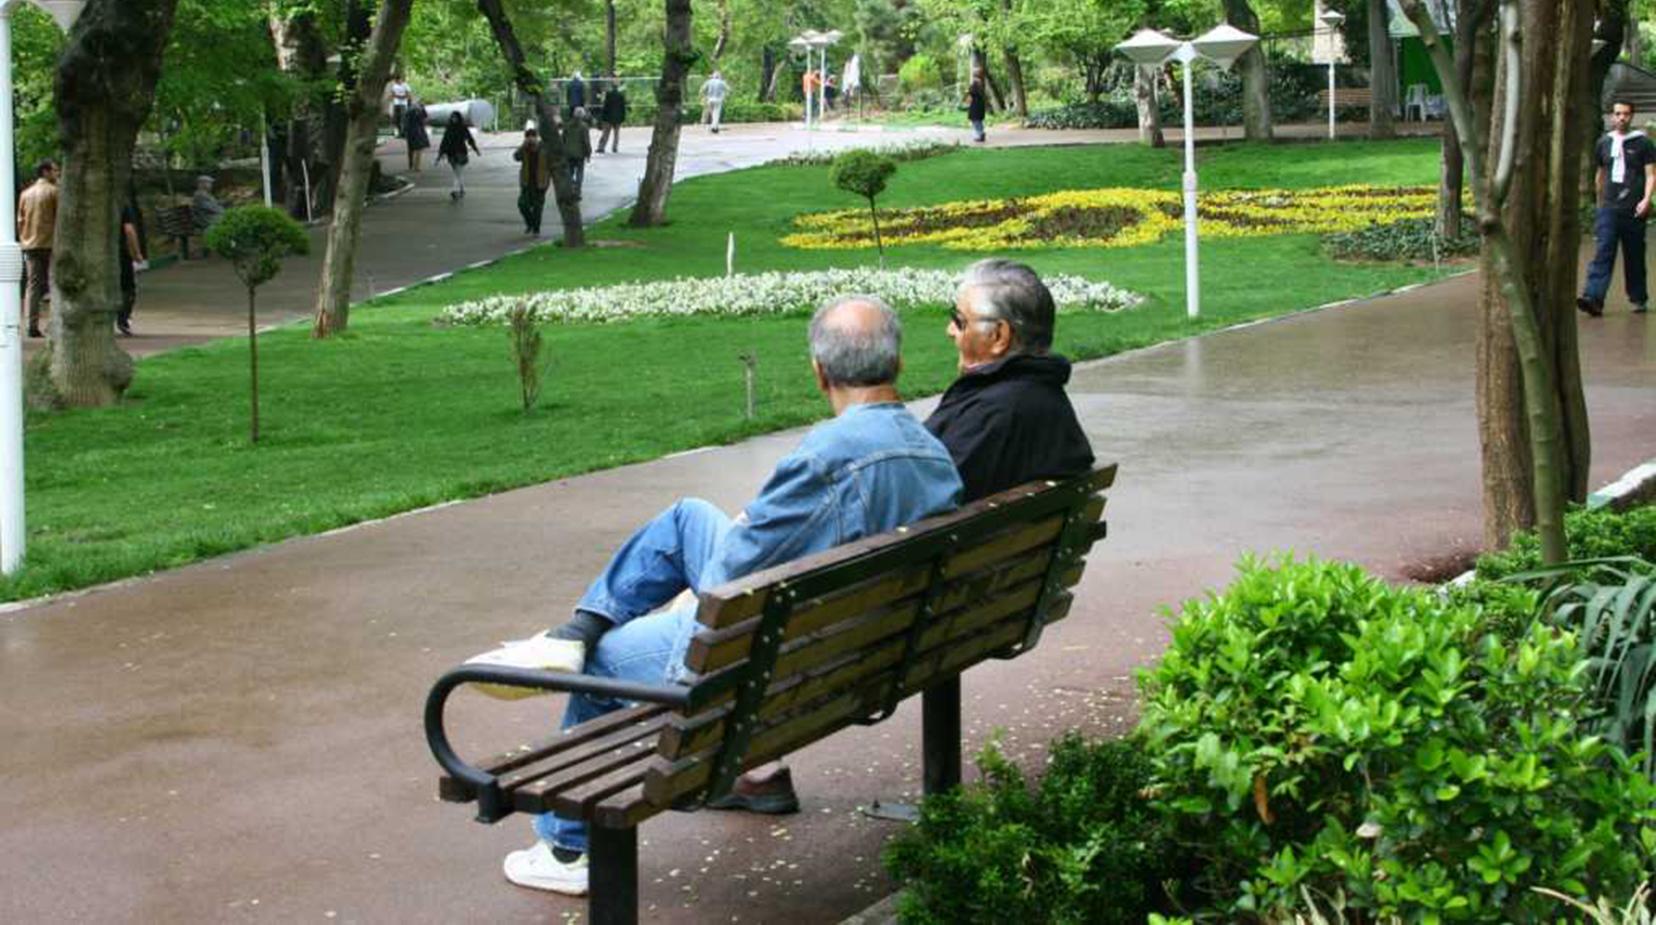 داستان انگلیسی دو پیرمرد با شخصیت